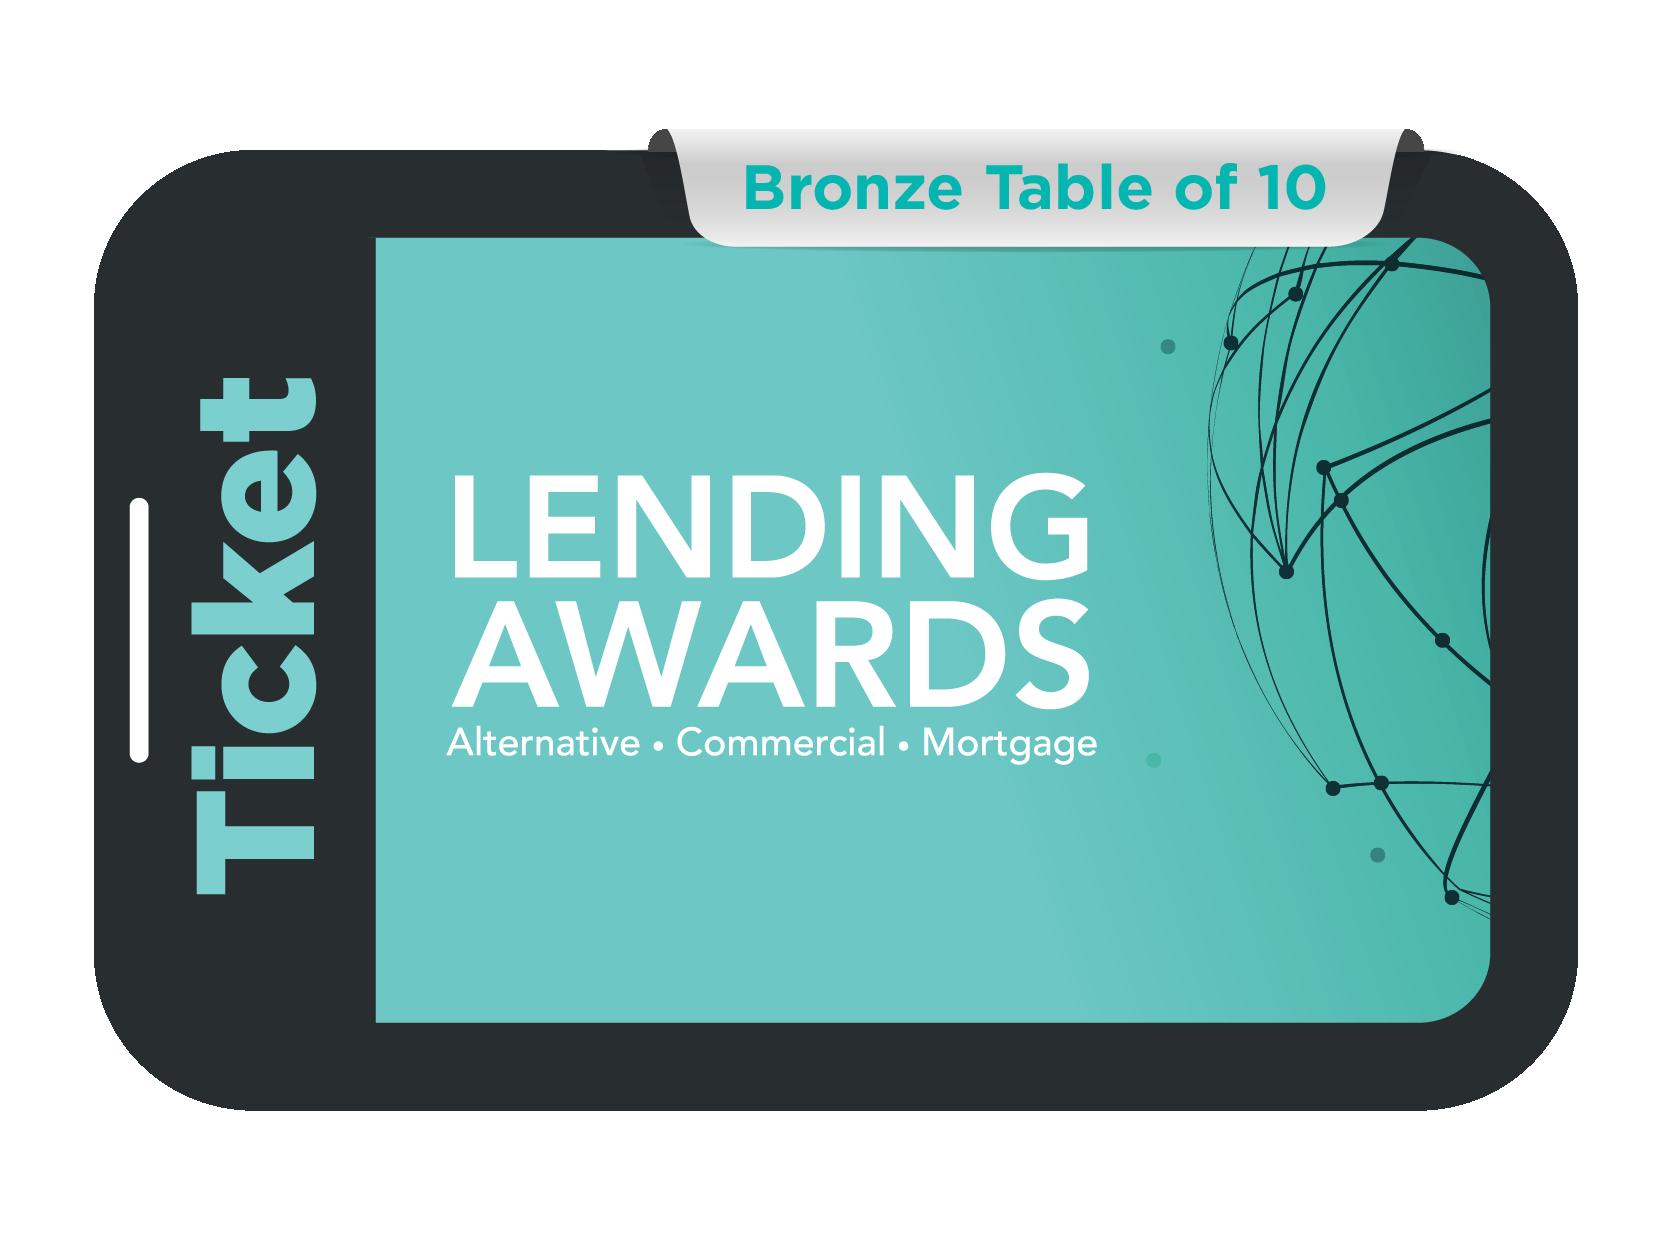 Bronze Table of 10 - Lending Awards 2021